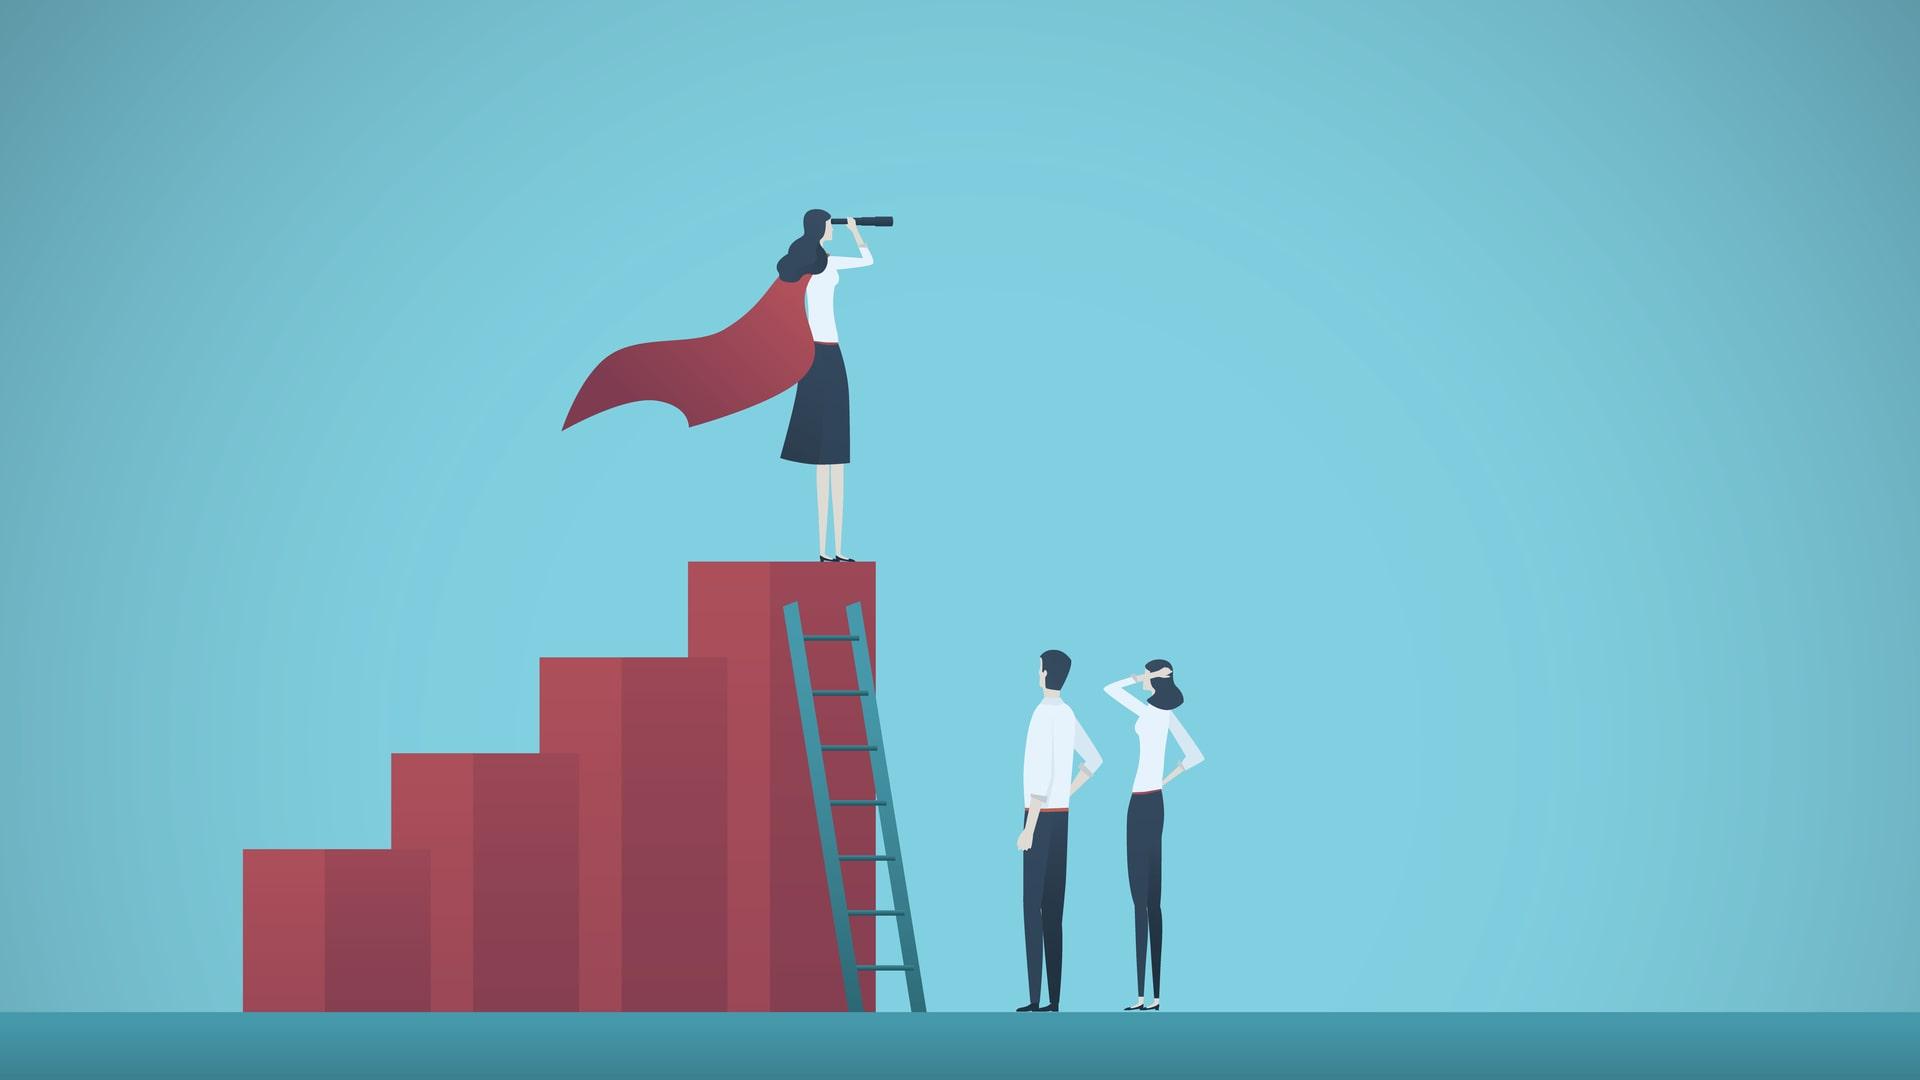 デイサービスの経営を改善させる10の手法【成功者から学ぶ】